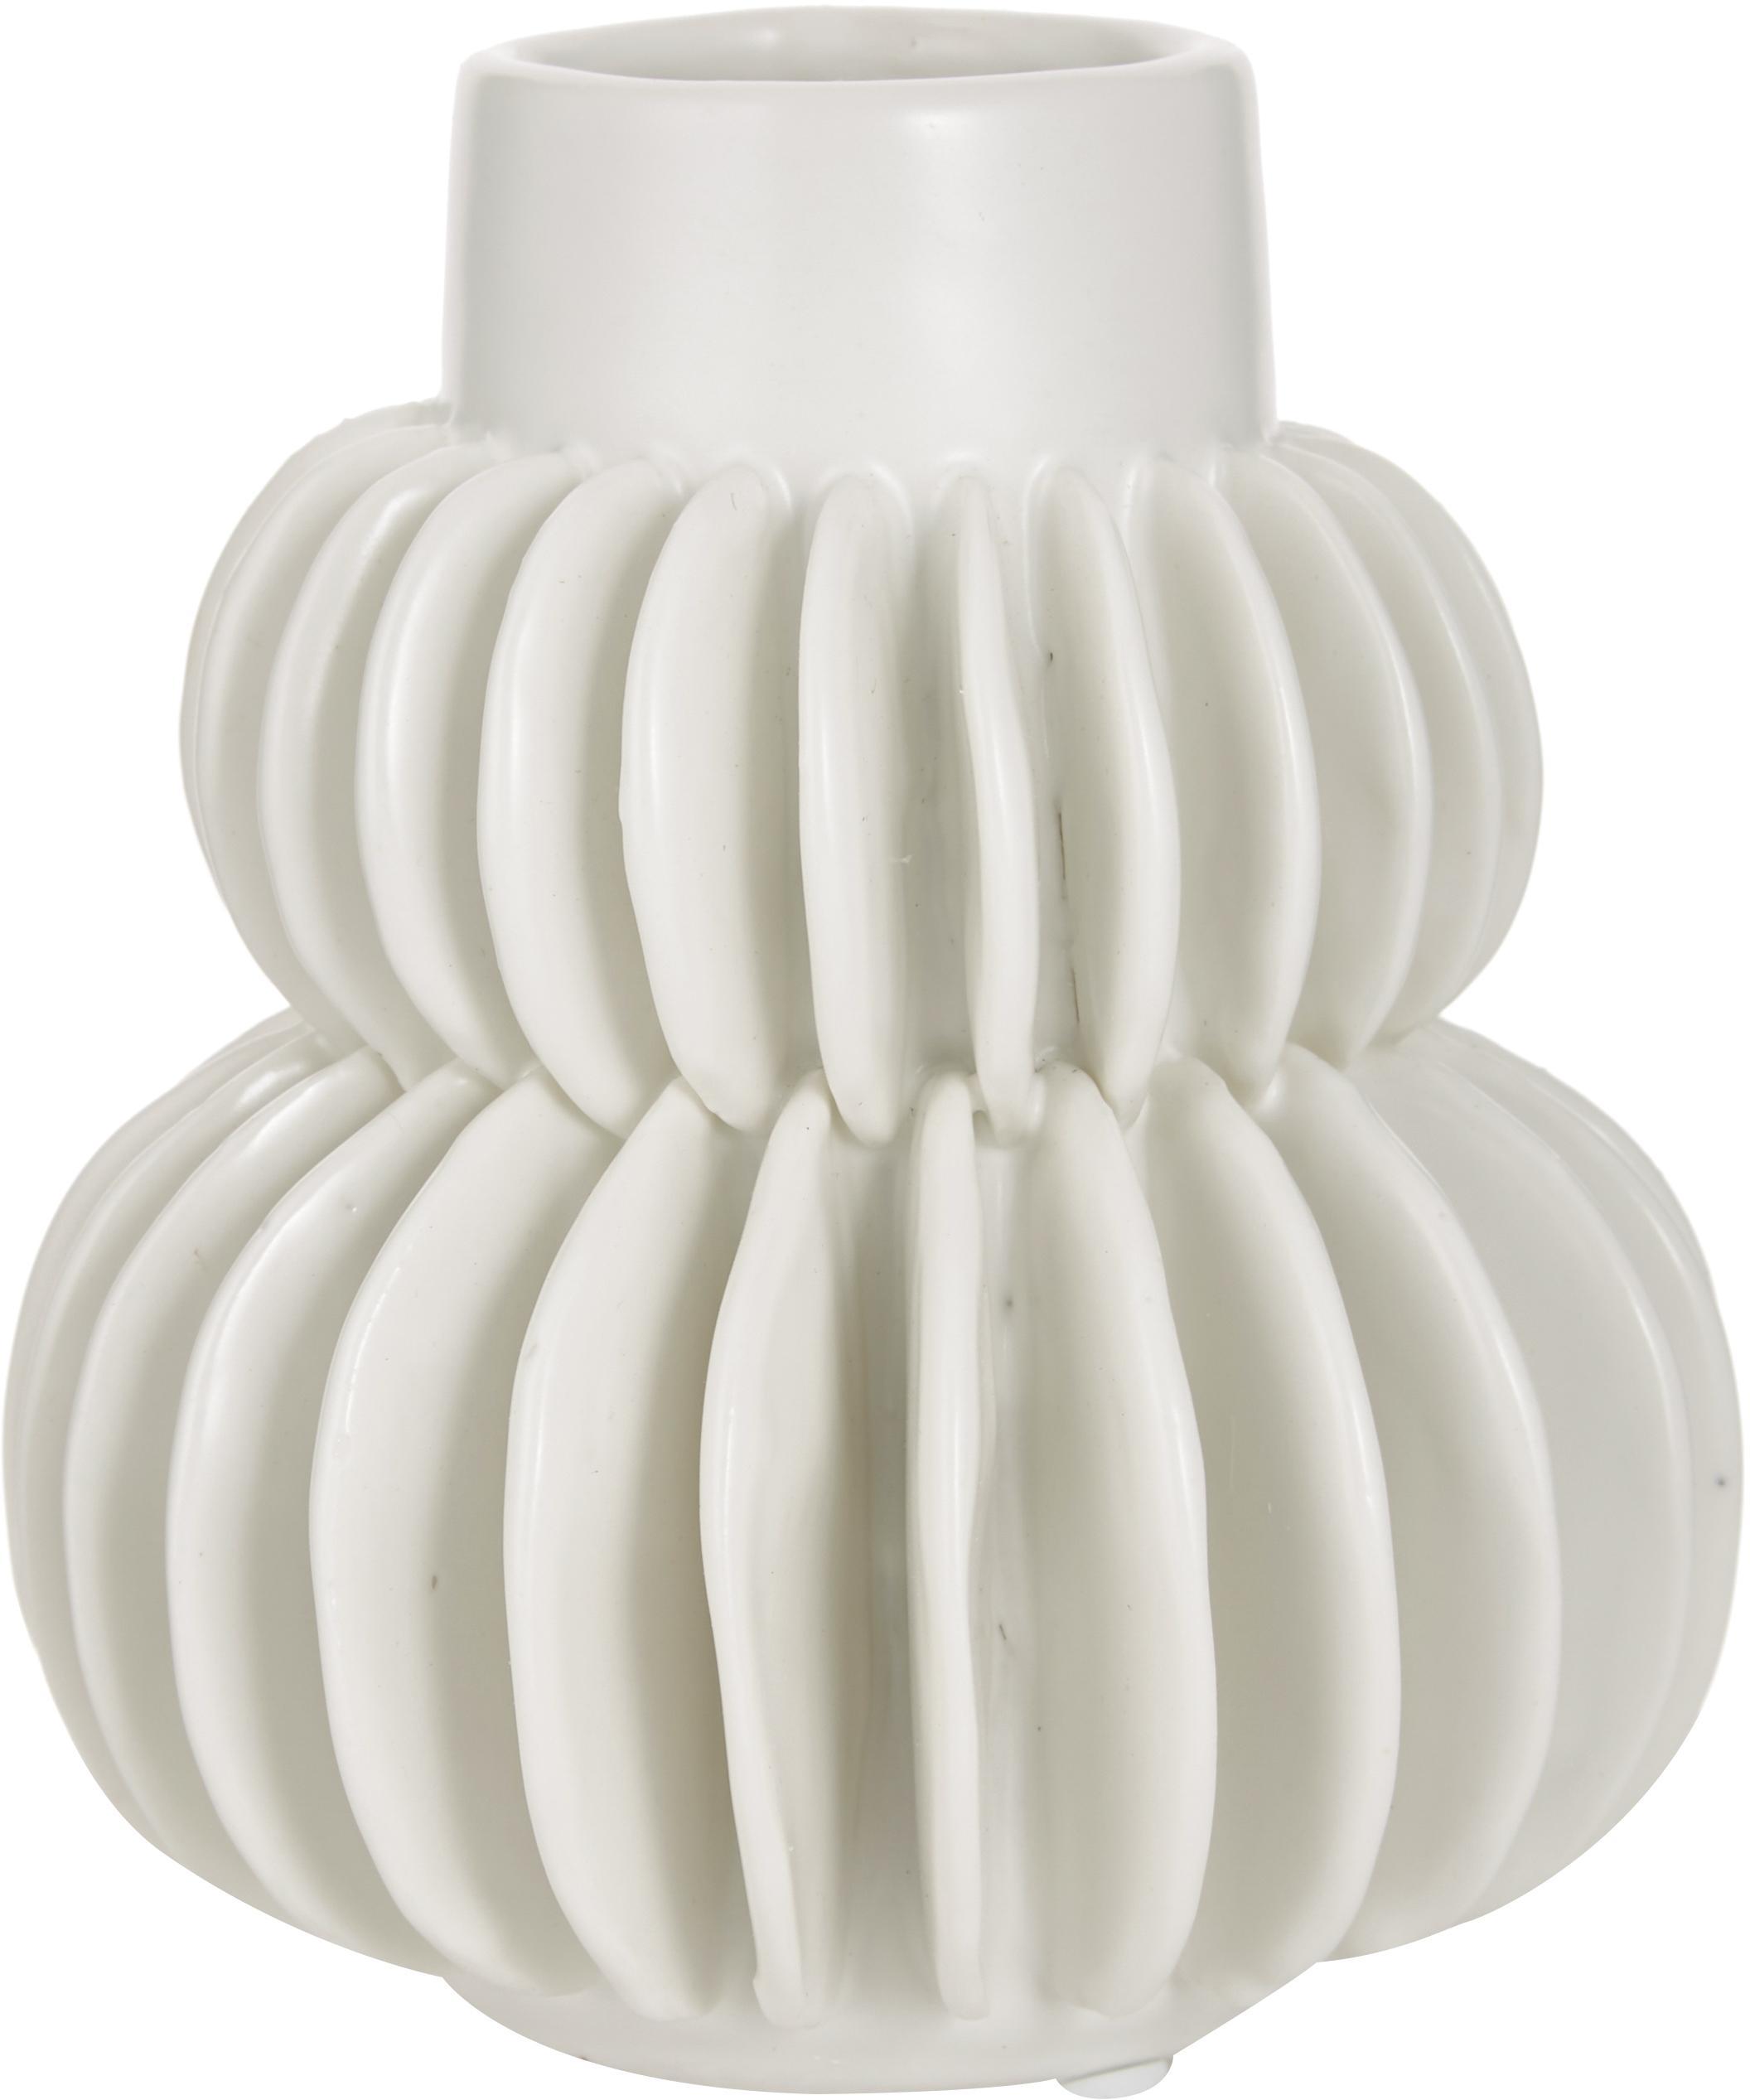 Jarrón pequeño de gres Bela, Gres, Blanco, Ø 12 x Al 14 cm